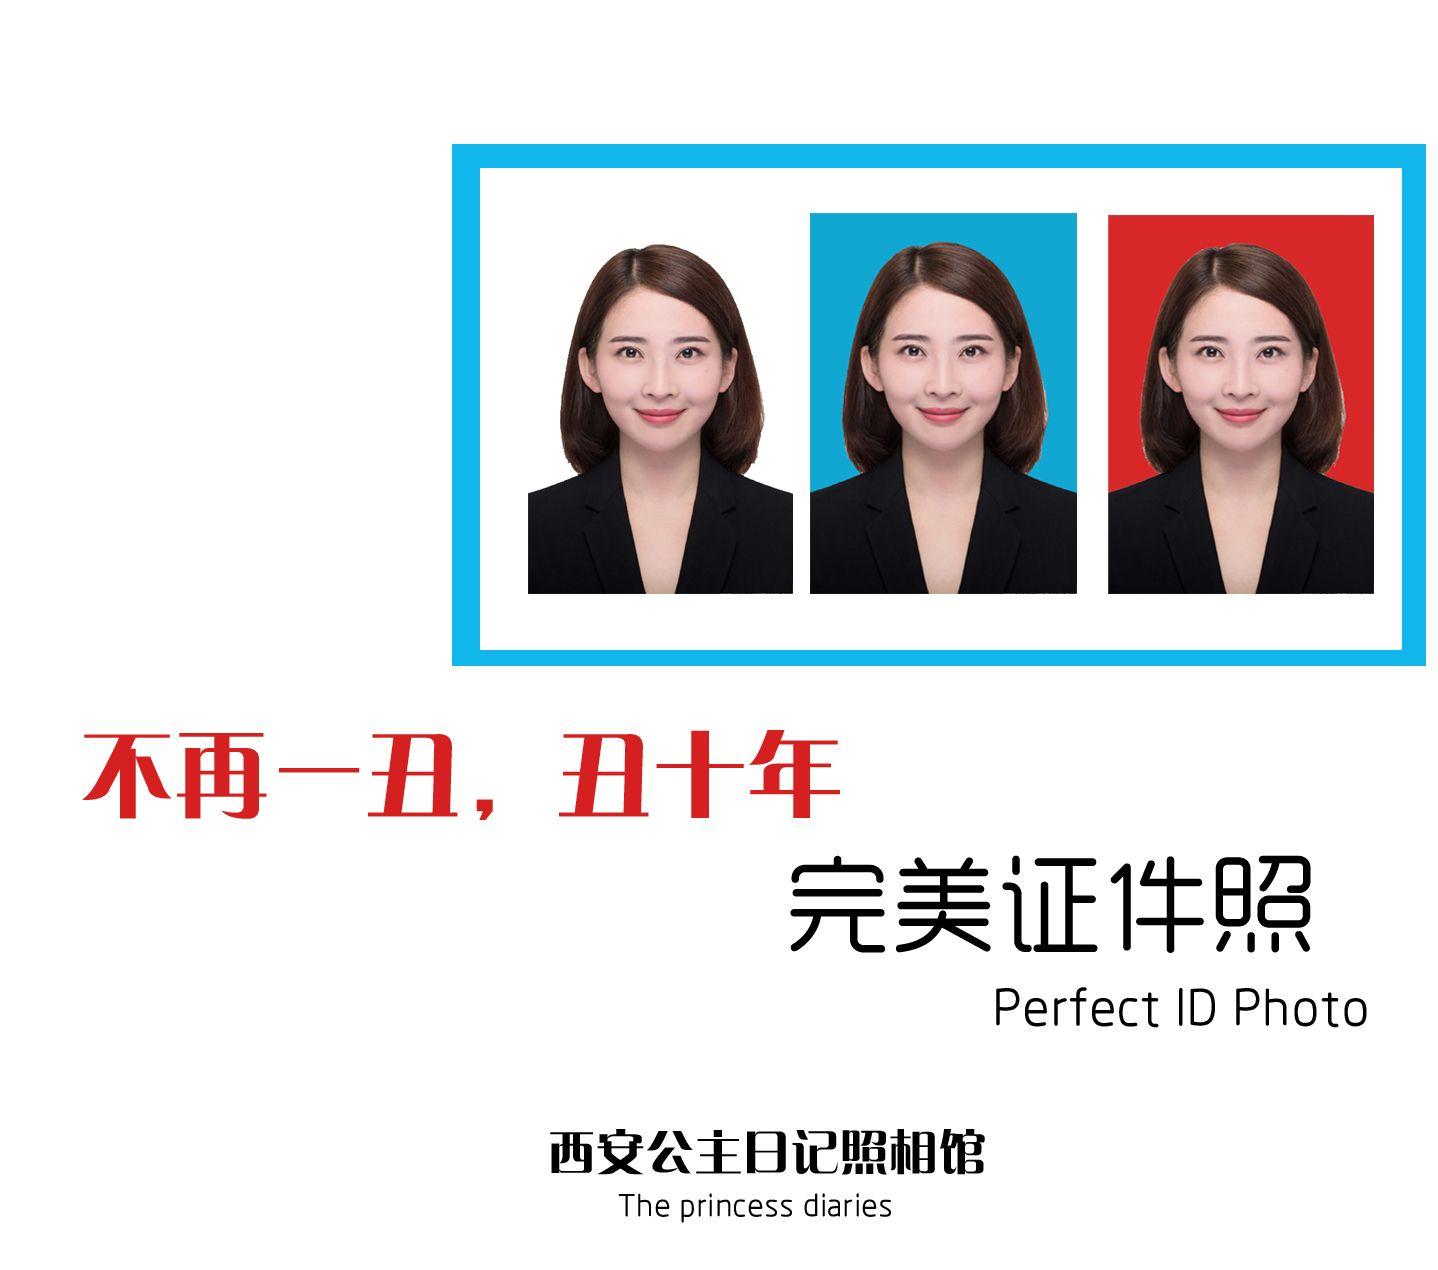 公主日记照相馆(完美证件照)-美团